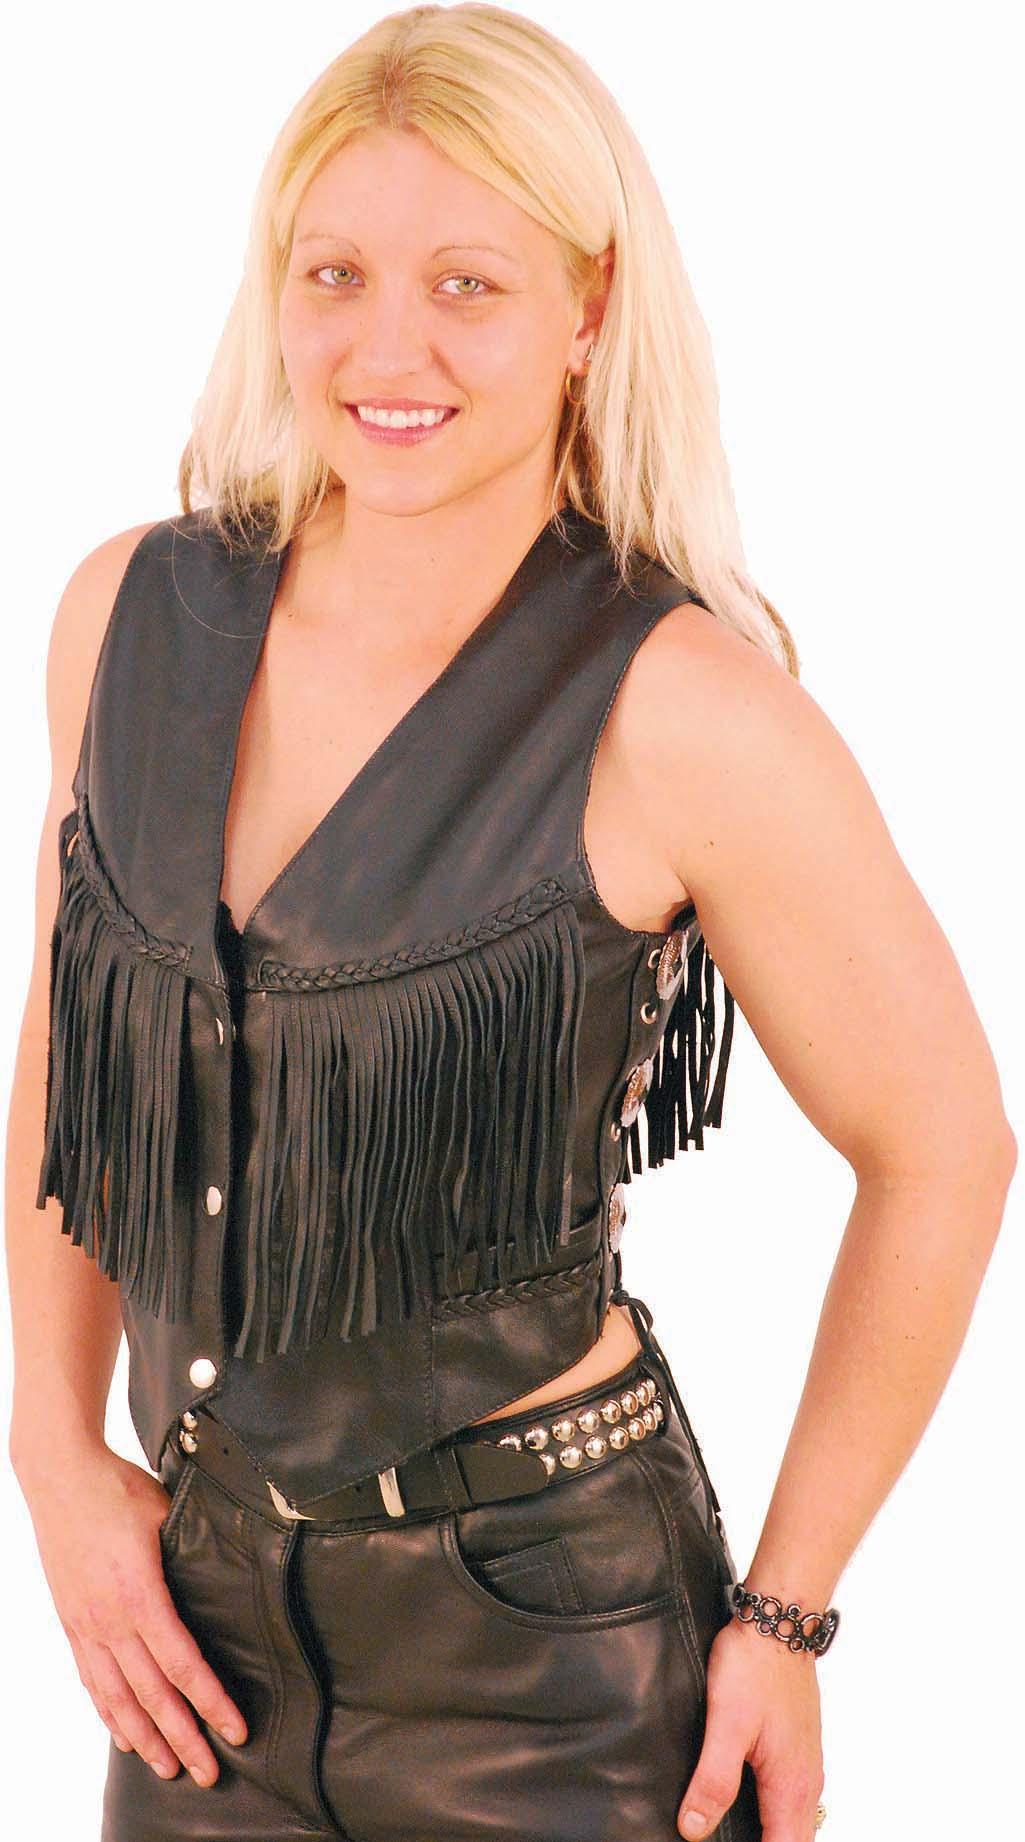 women leather fringe vestFringe Leather Vests and Halters for Women noXk2PRW